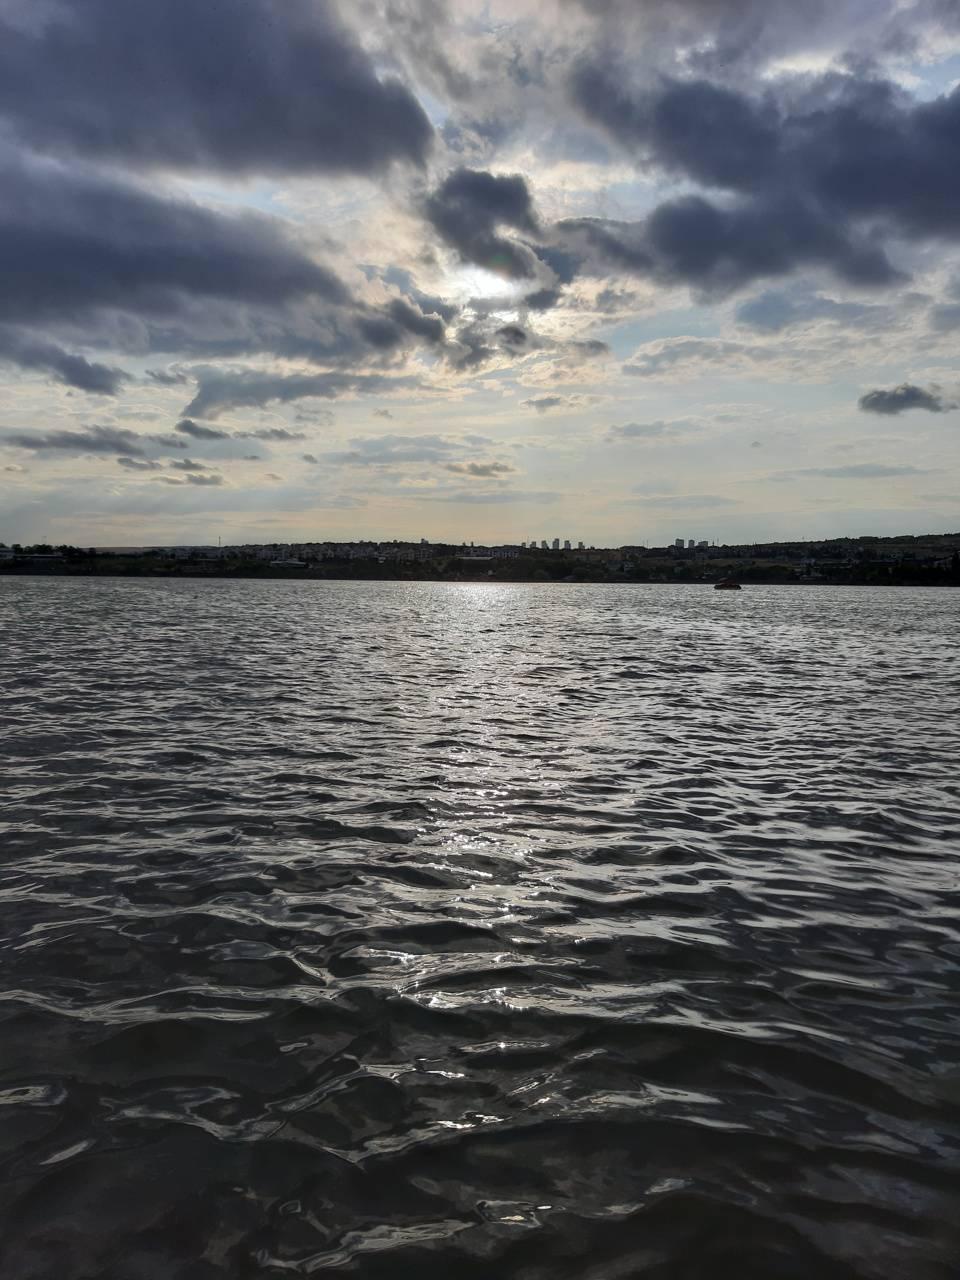 Hd lake view